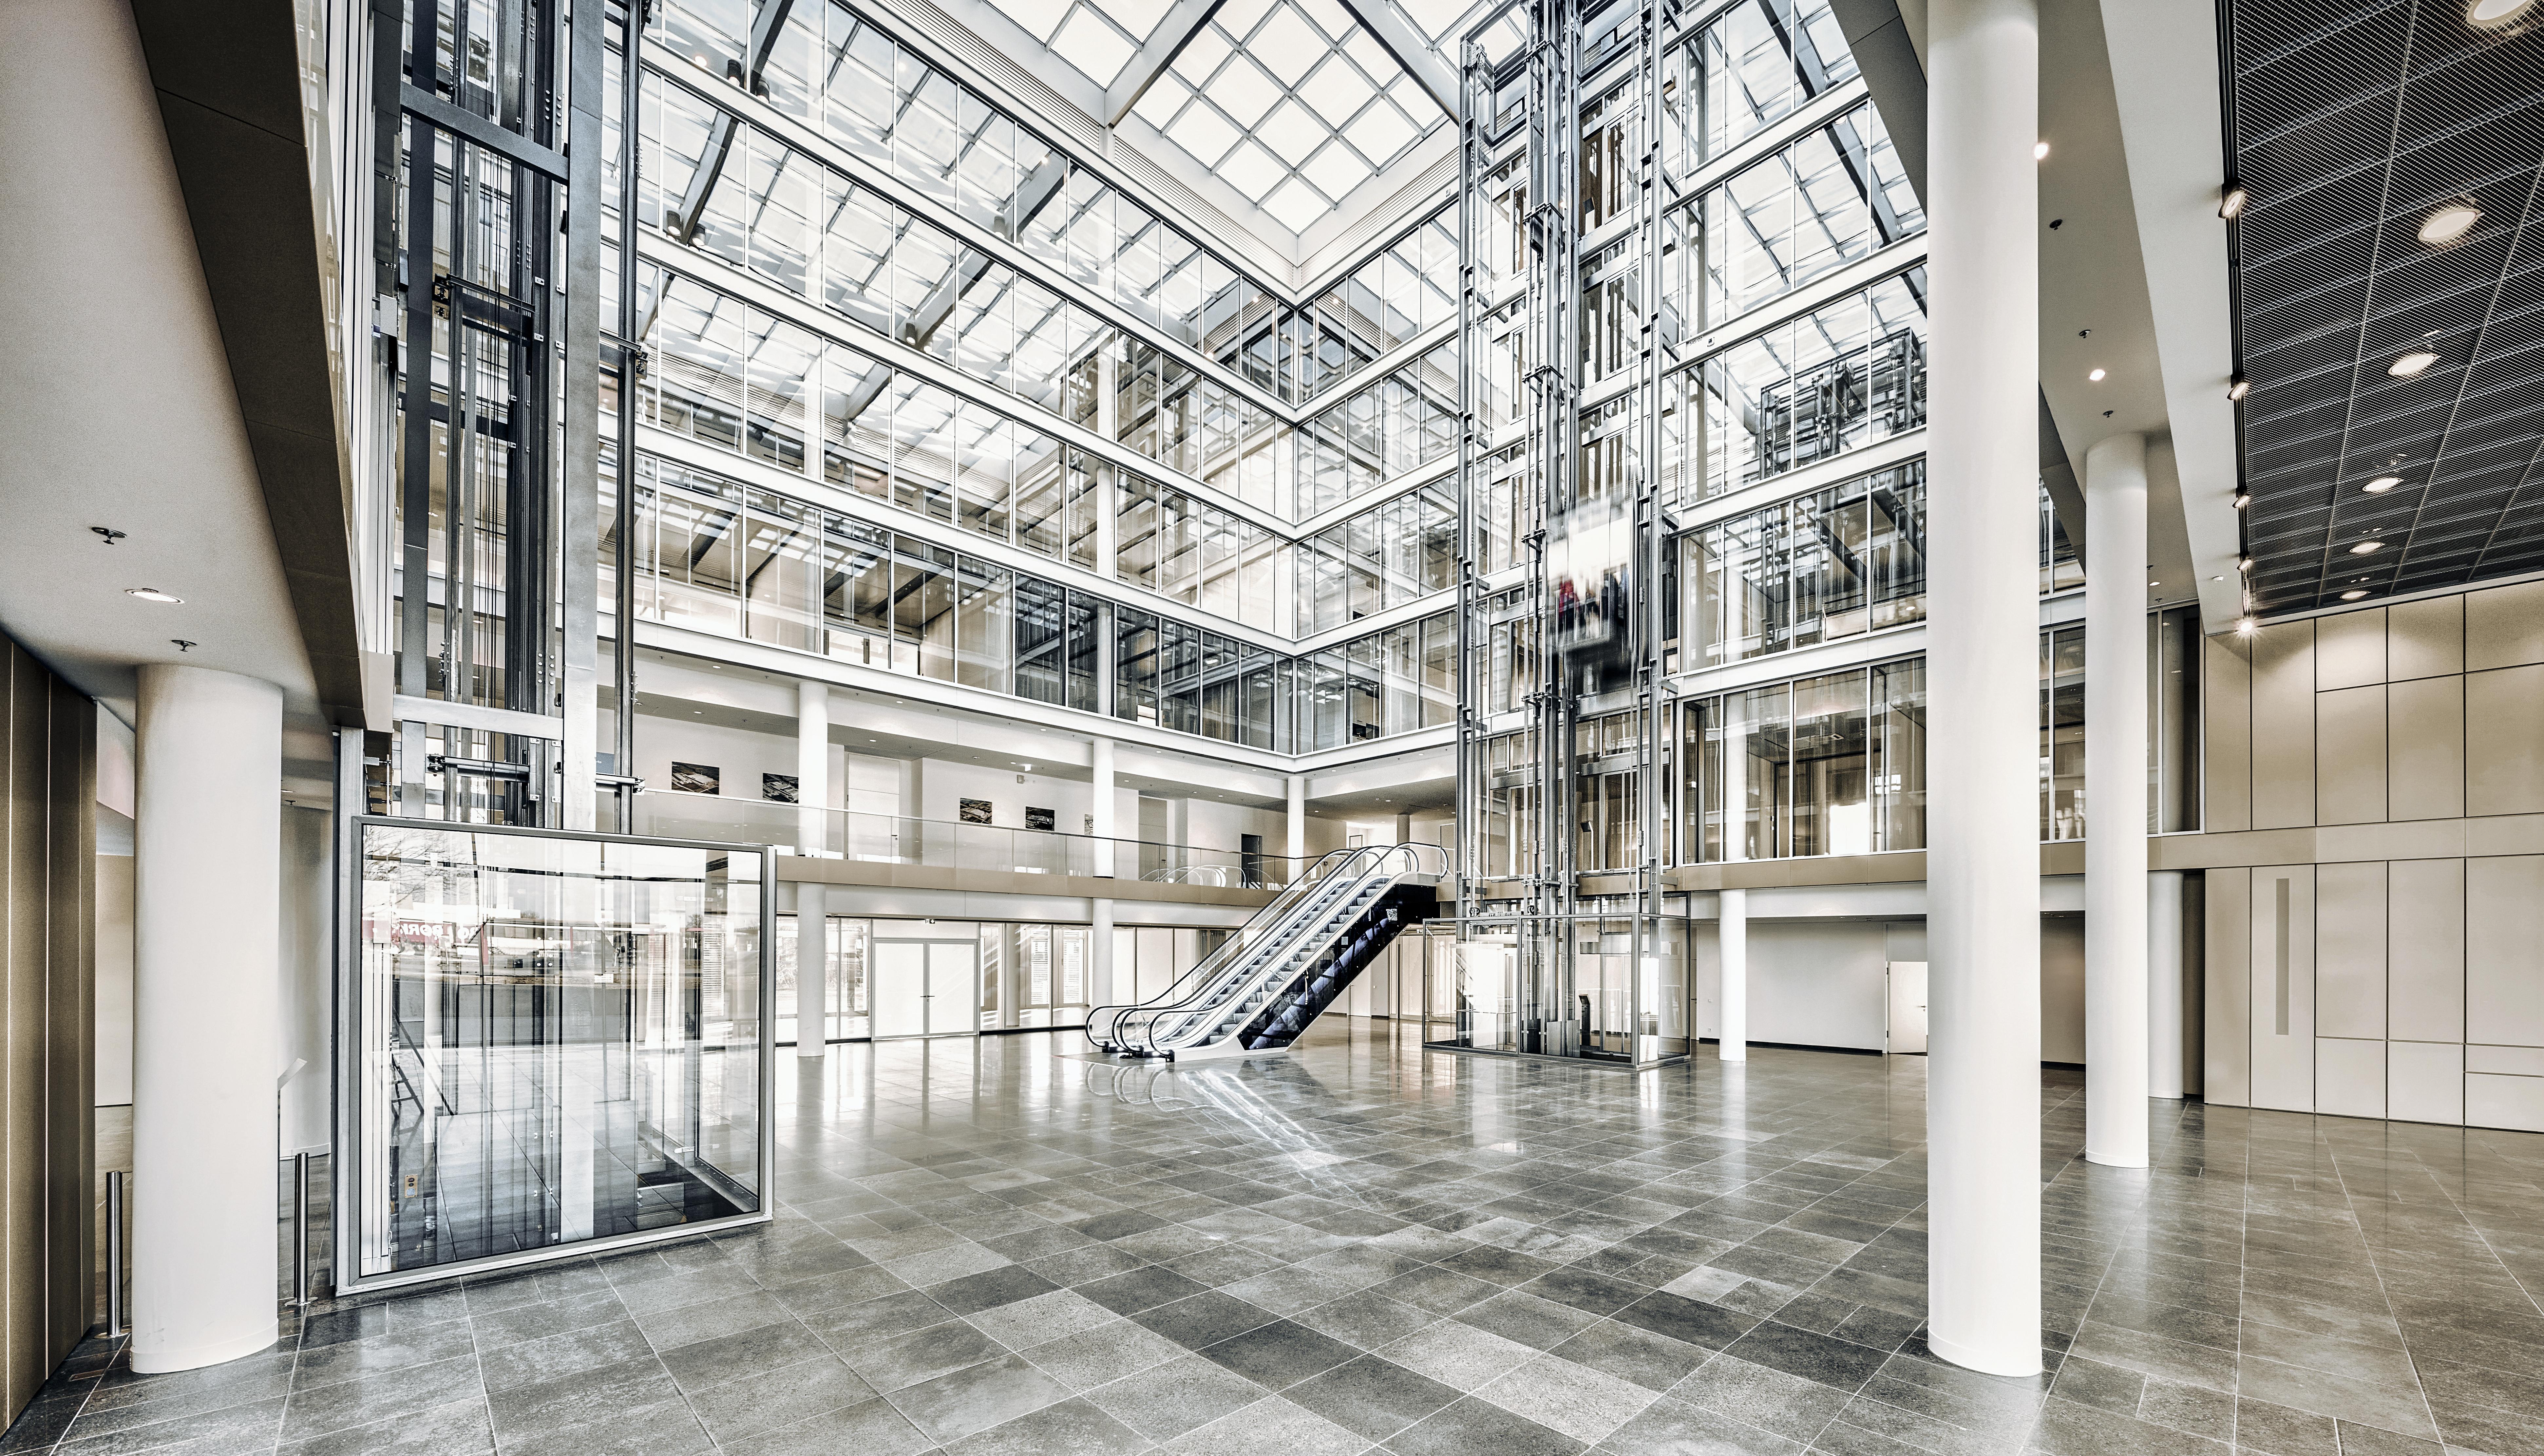 Asansor Yuruyen Merdiven Uygulama